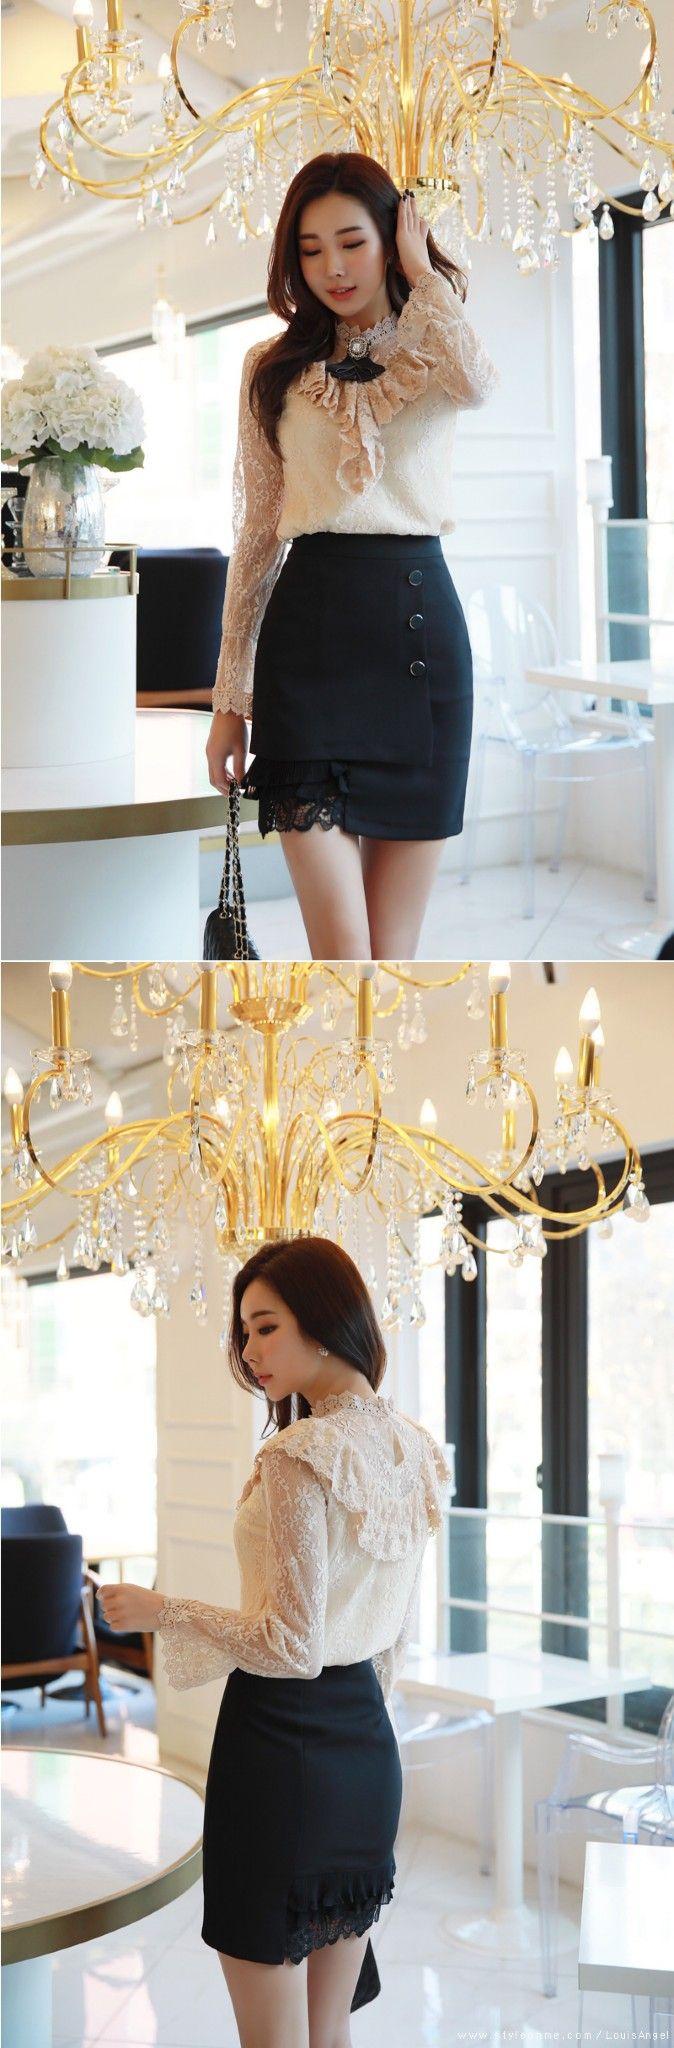 박민 (marryq4475) - 프로필 | Pinterest